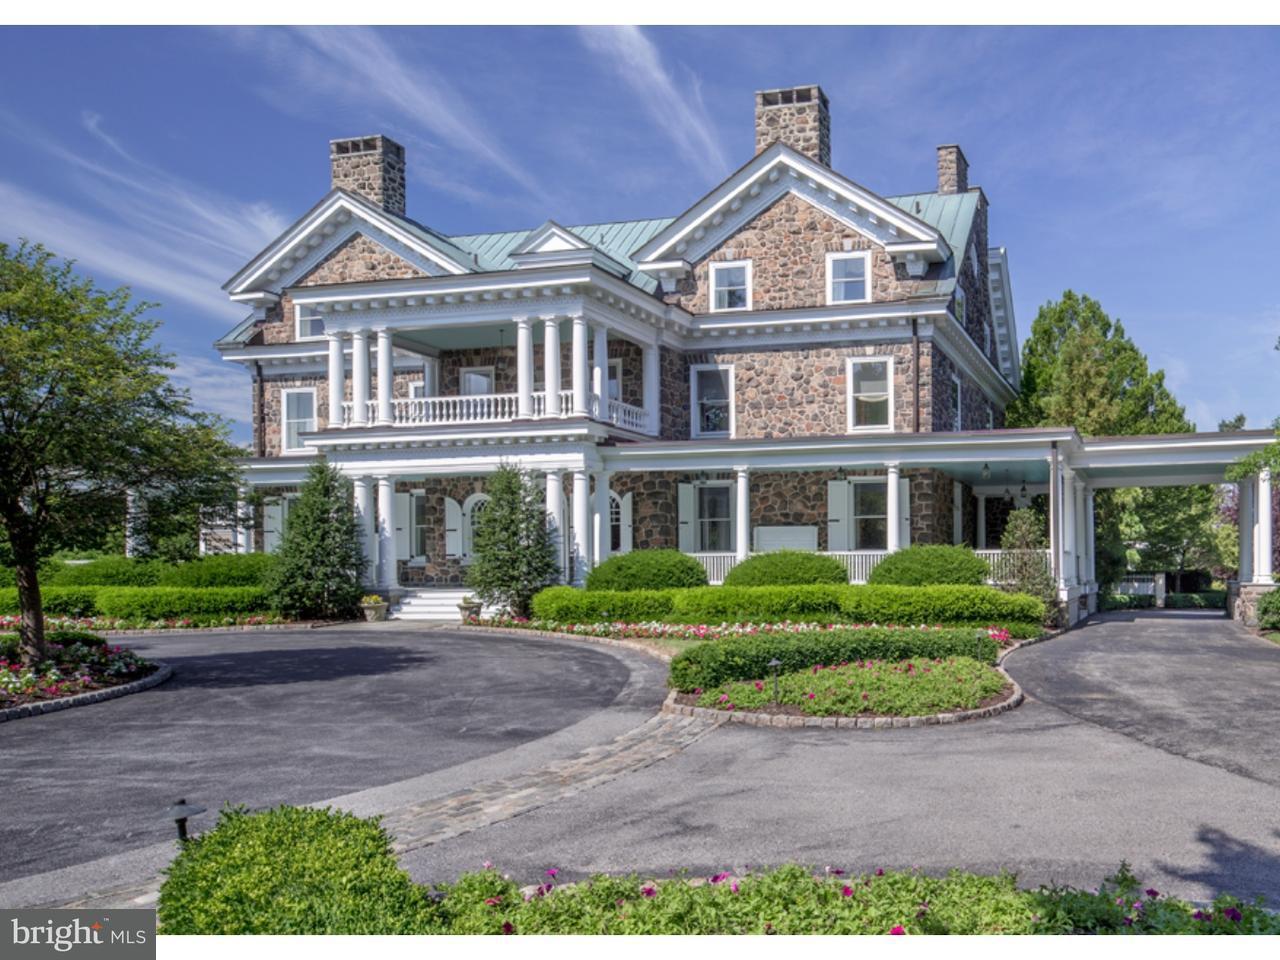 Частный односемейный дом для того Продажа на 500 S WATERLOO Road Devon, Пенсильвания 19333 Соединенные Штаты